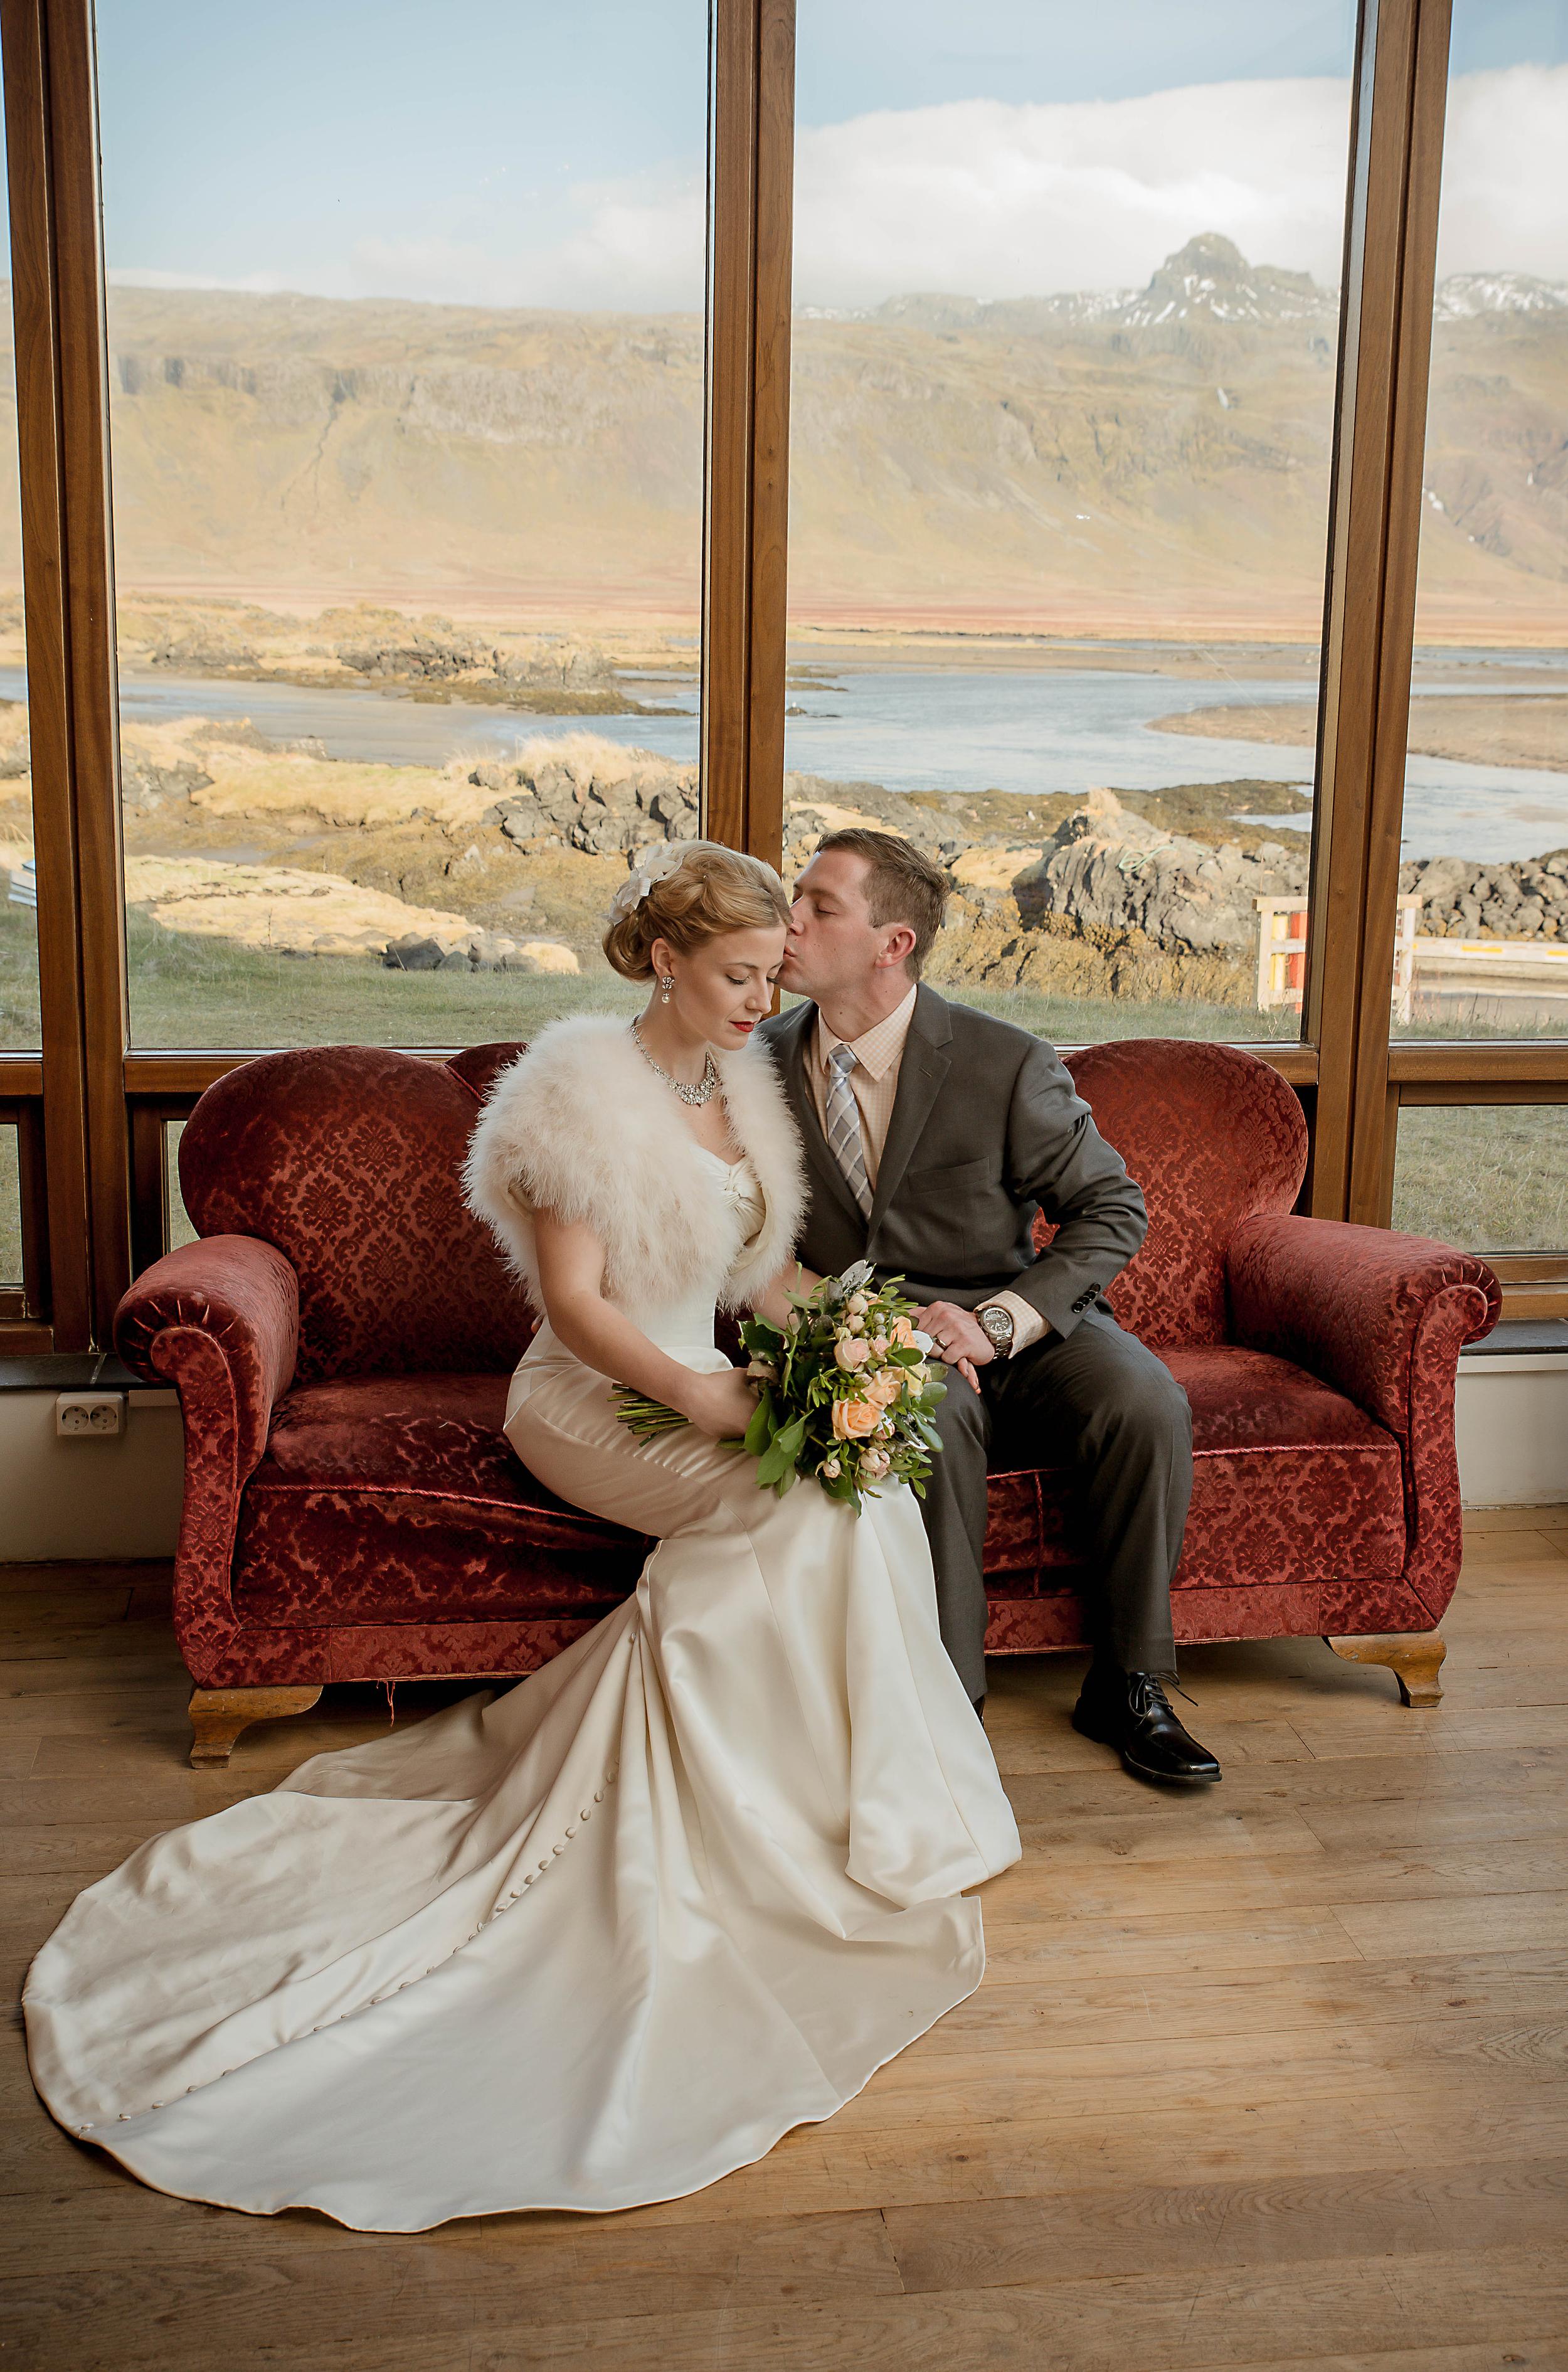 Iceland-Wedding-Photographer-Photos-by-Miss-Ann-11.jpg